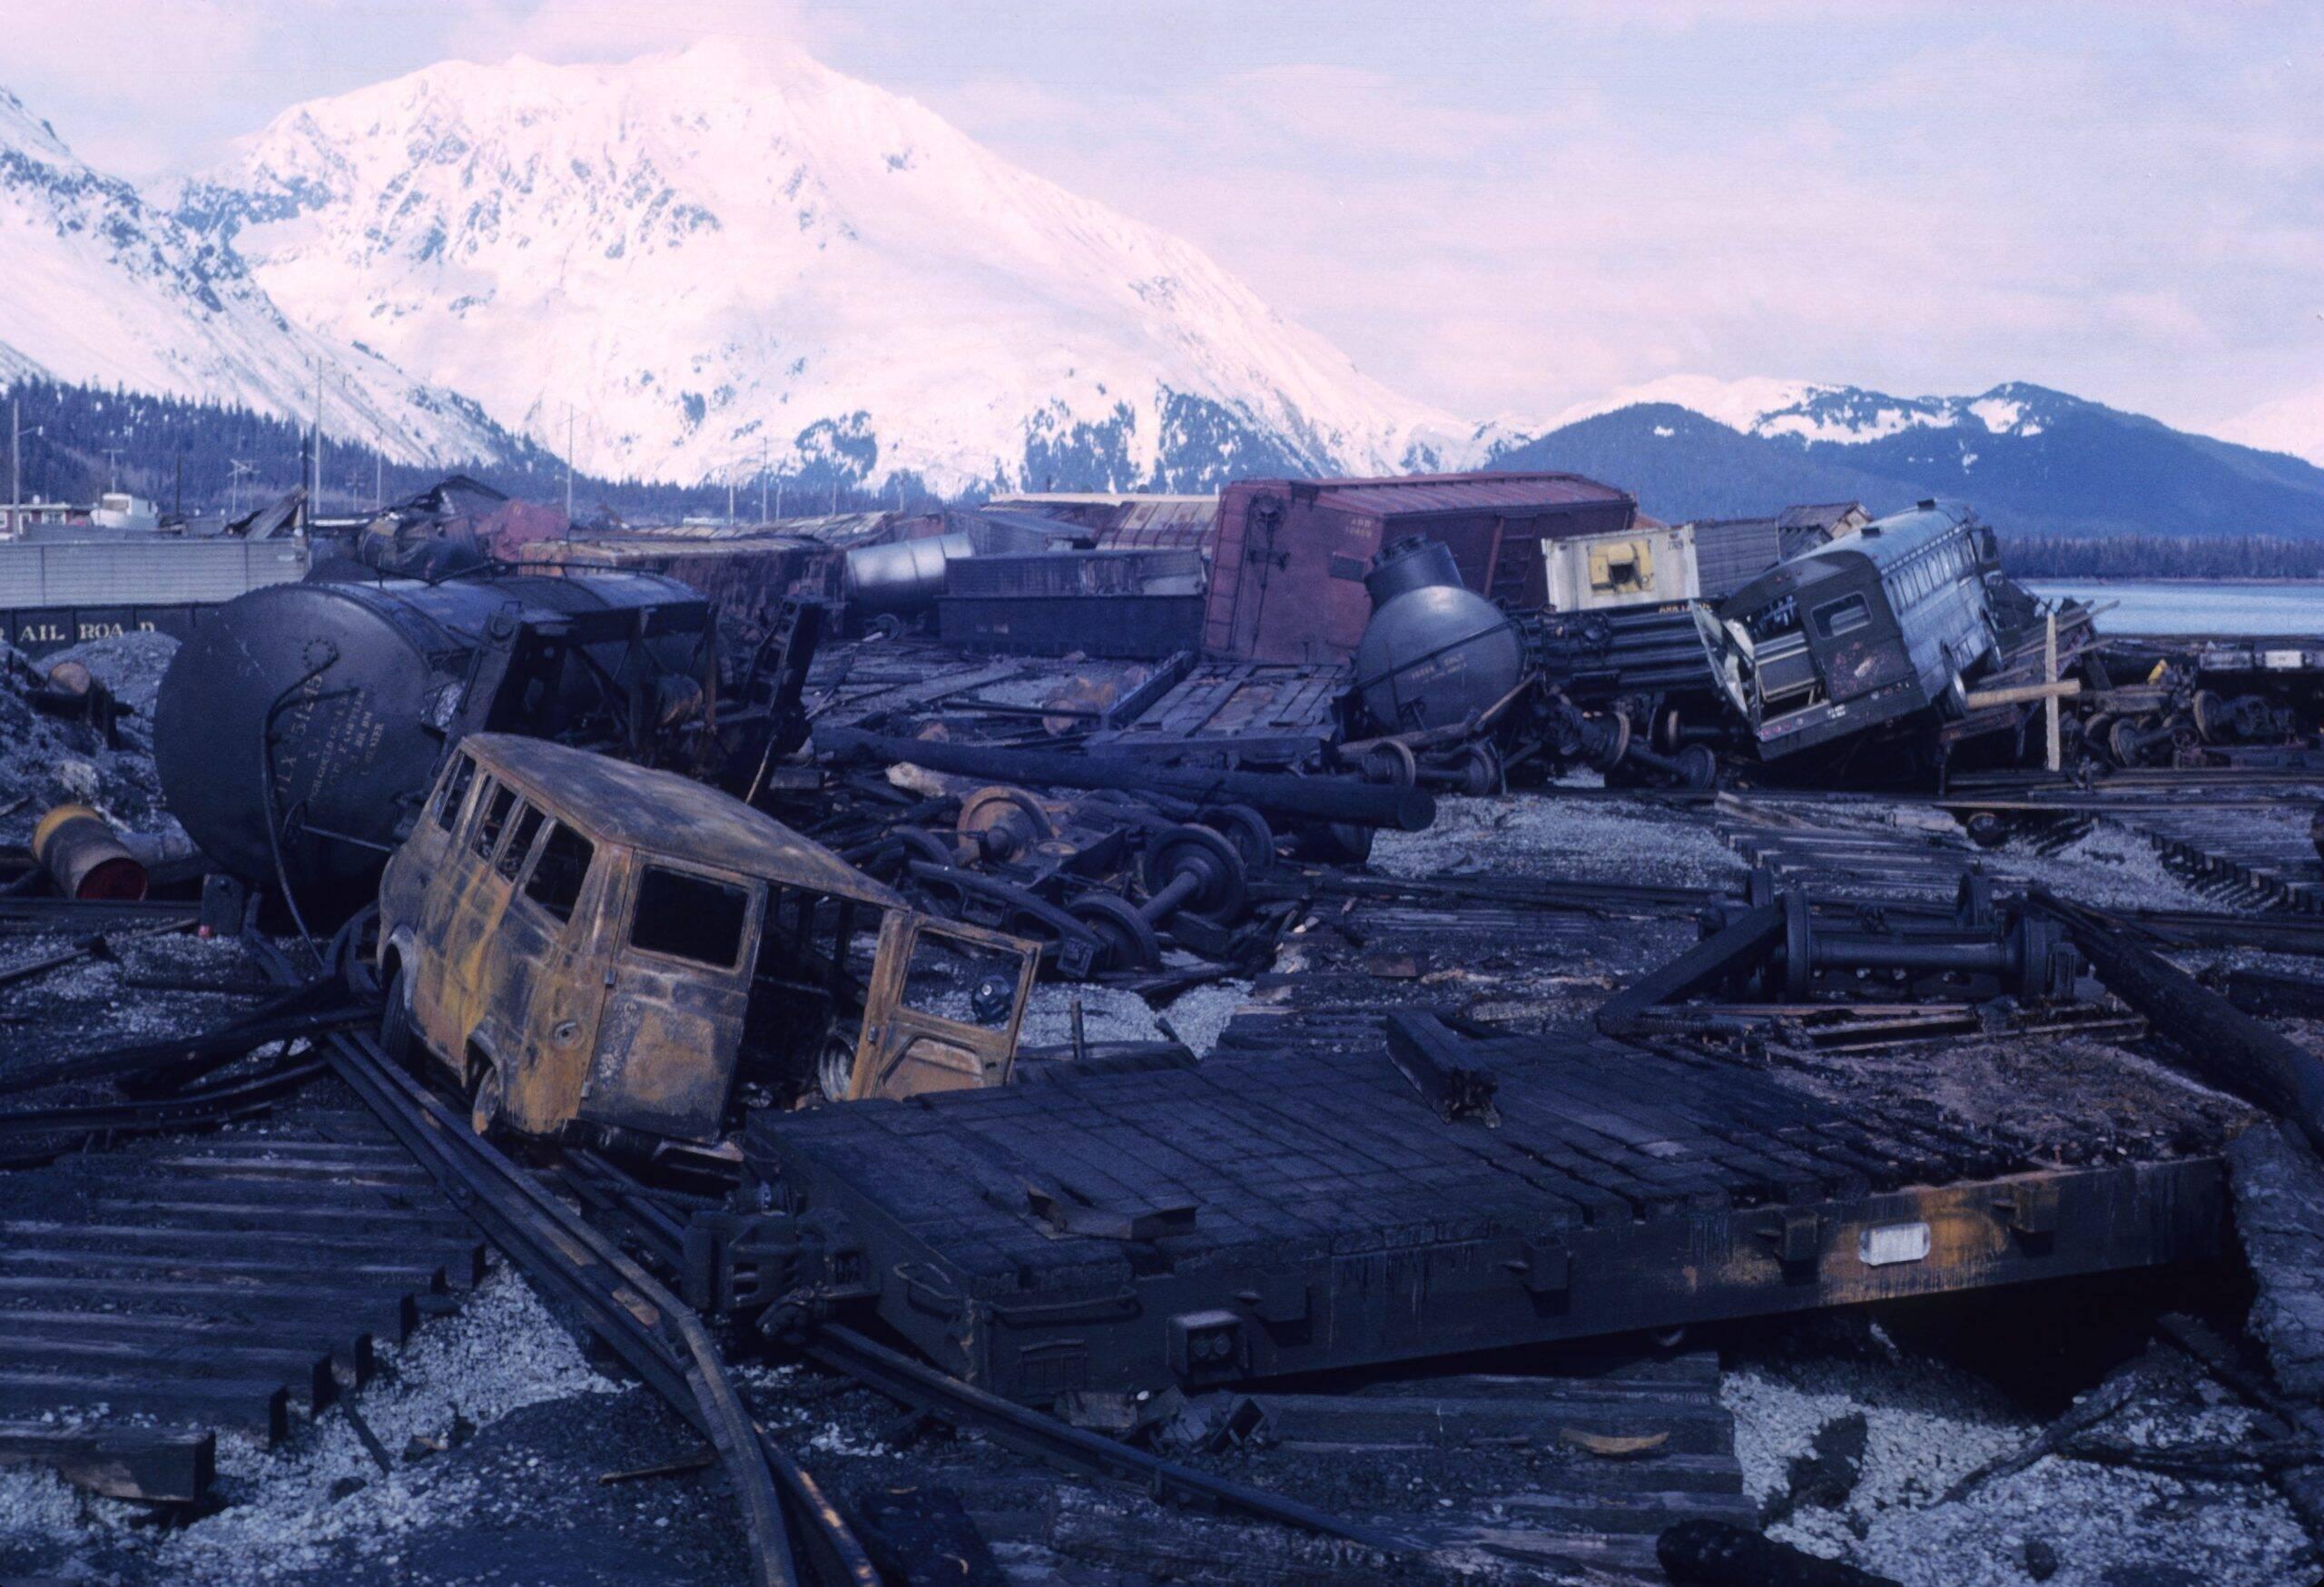 De acordo com as informações, 31 mil pessoas não resistiram a tragédia. (Foto: Unsplash)